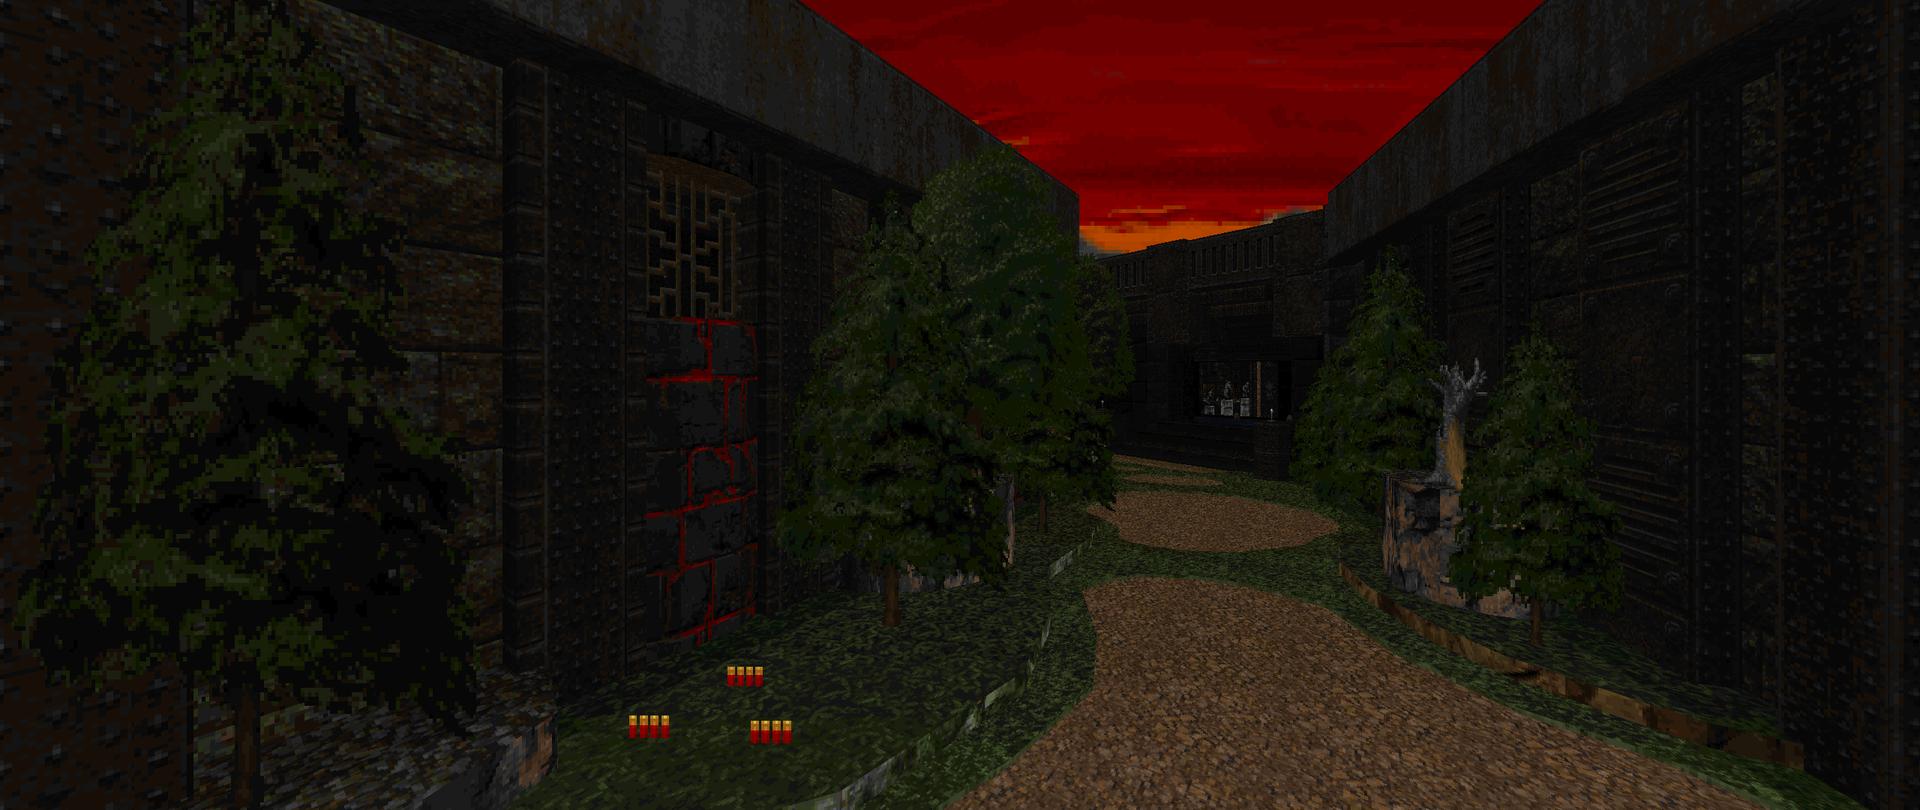 Screenshot_Doom_20191101_223547.png.f06a681fa4da13e080299260e63b4289.png